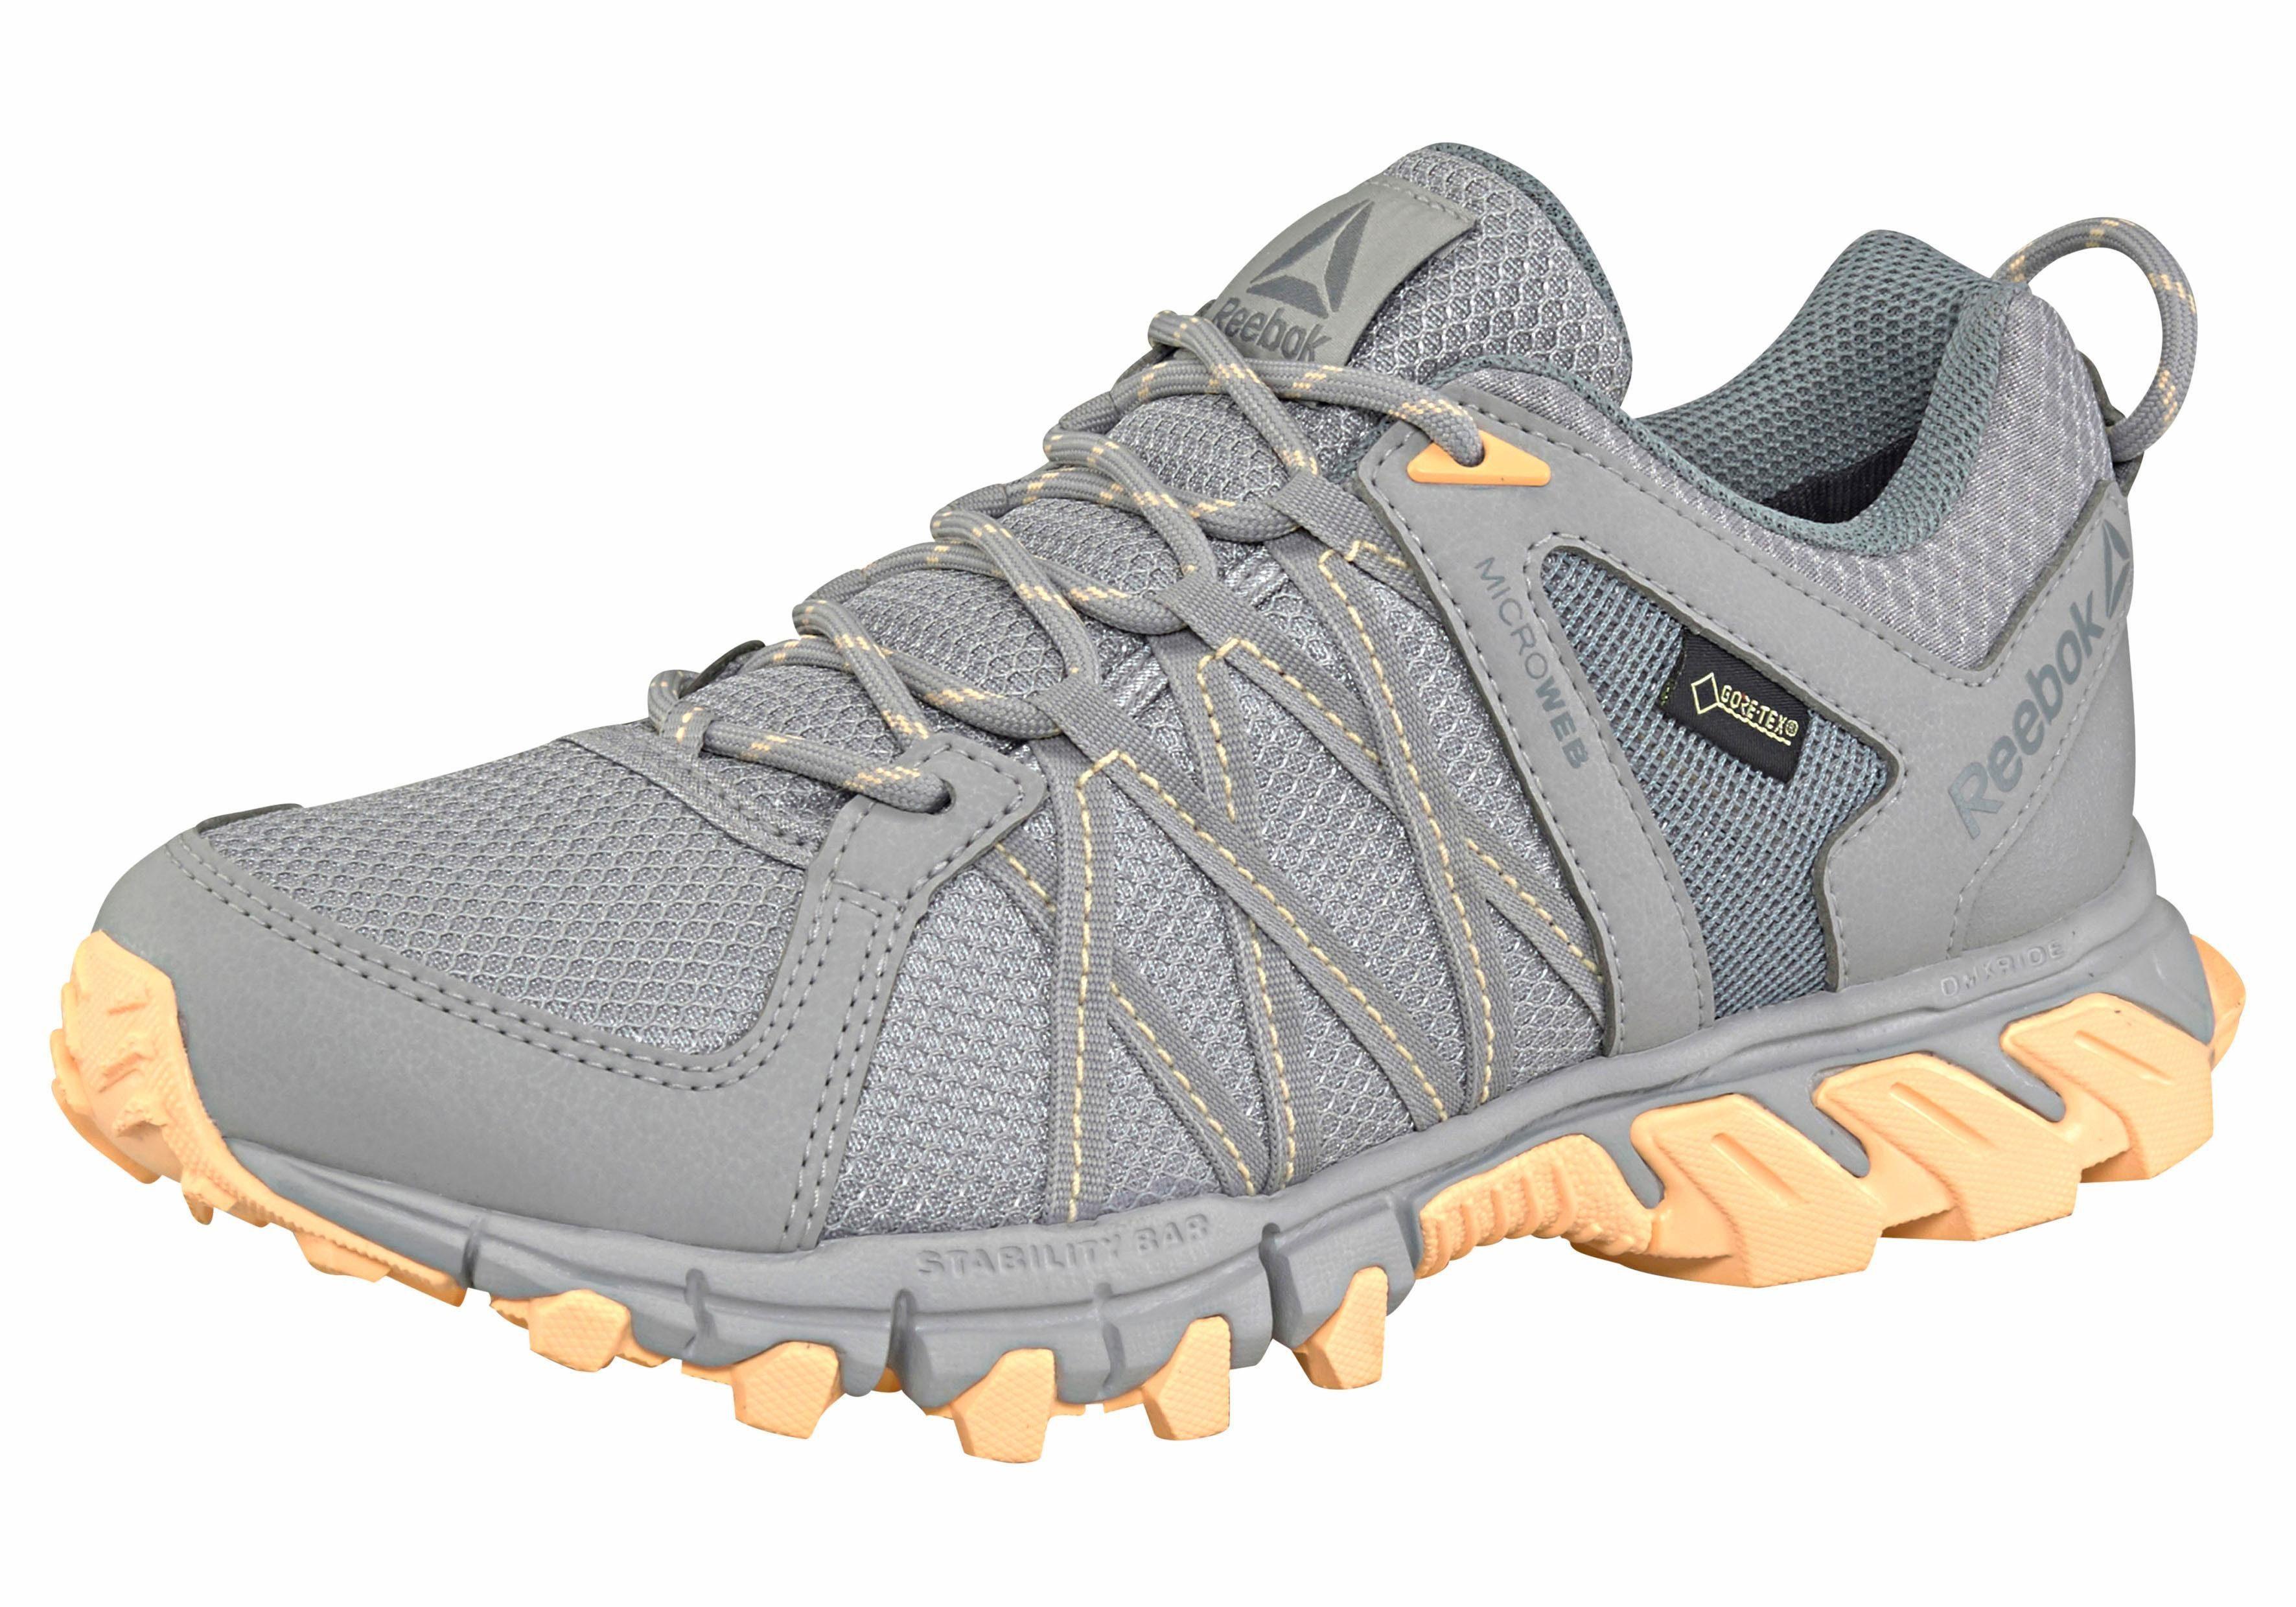 Reebok »Trailgrip RS 5.0 Goretex« Walkingschuh, Sehr gute Dämpfungeigenschaften online kaufen | OTTO